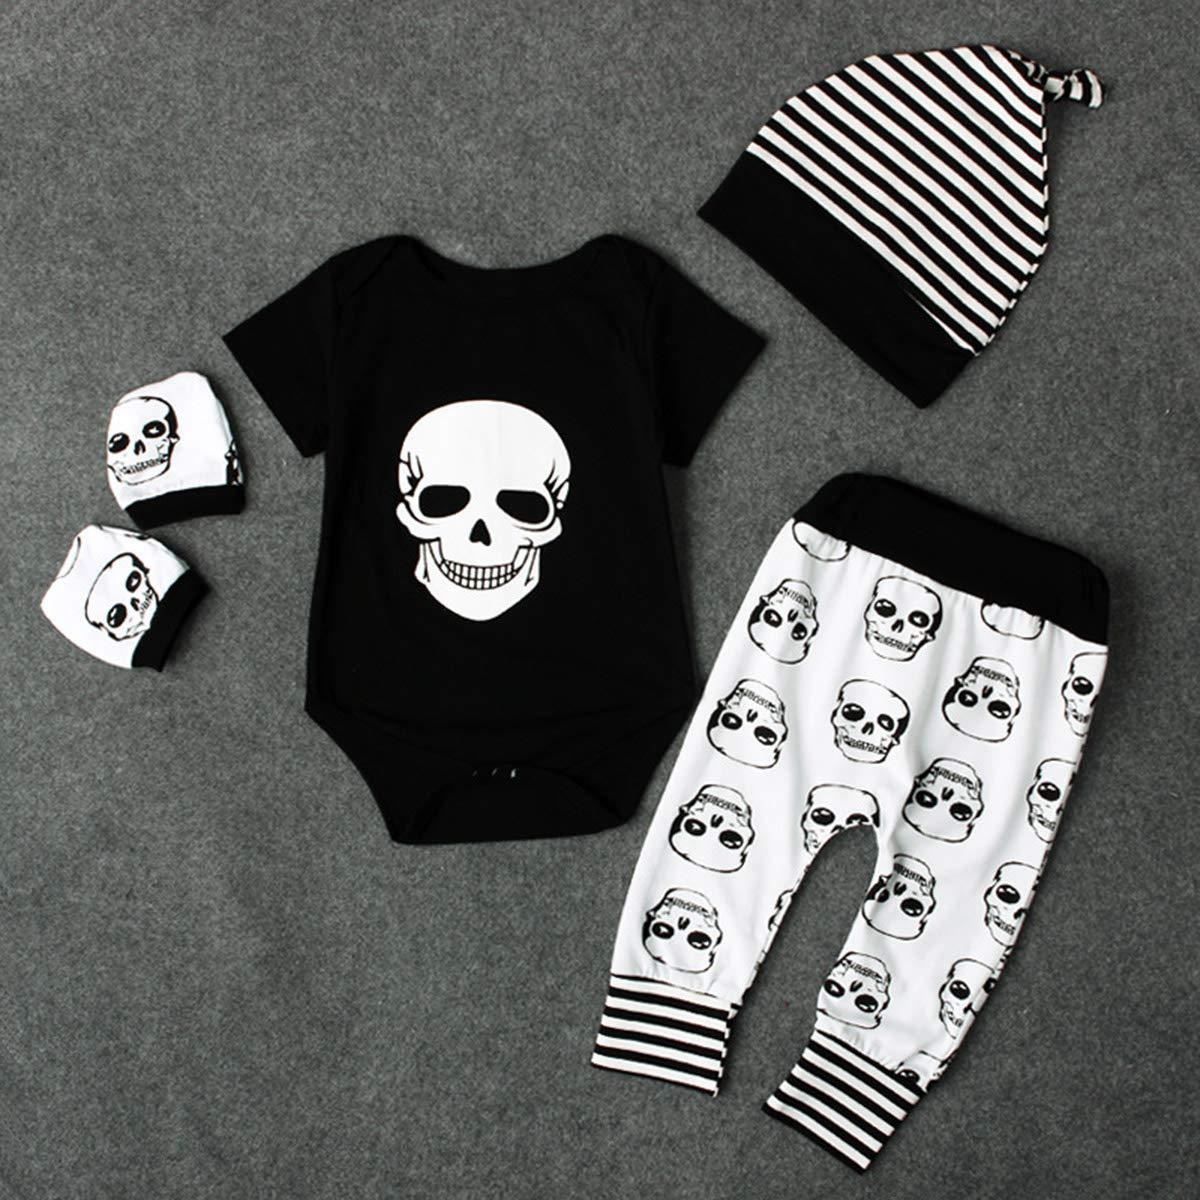 Jungen mit Hosen Stramplerset f/ür neugeborene Babys und Handschuh im Totenkopfstil. M/ädchen Hut